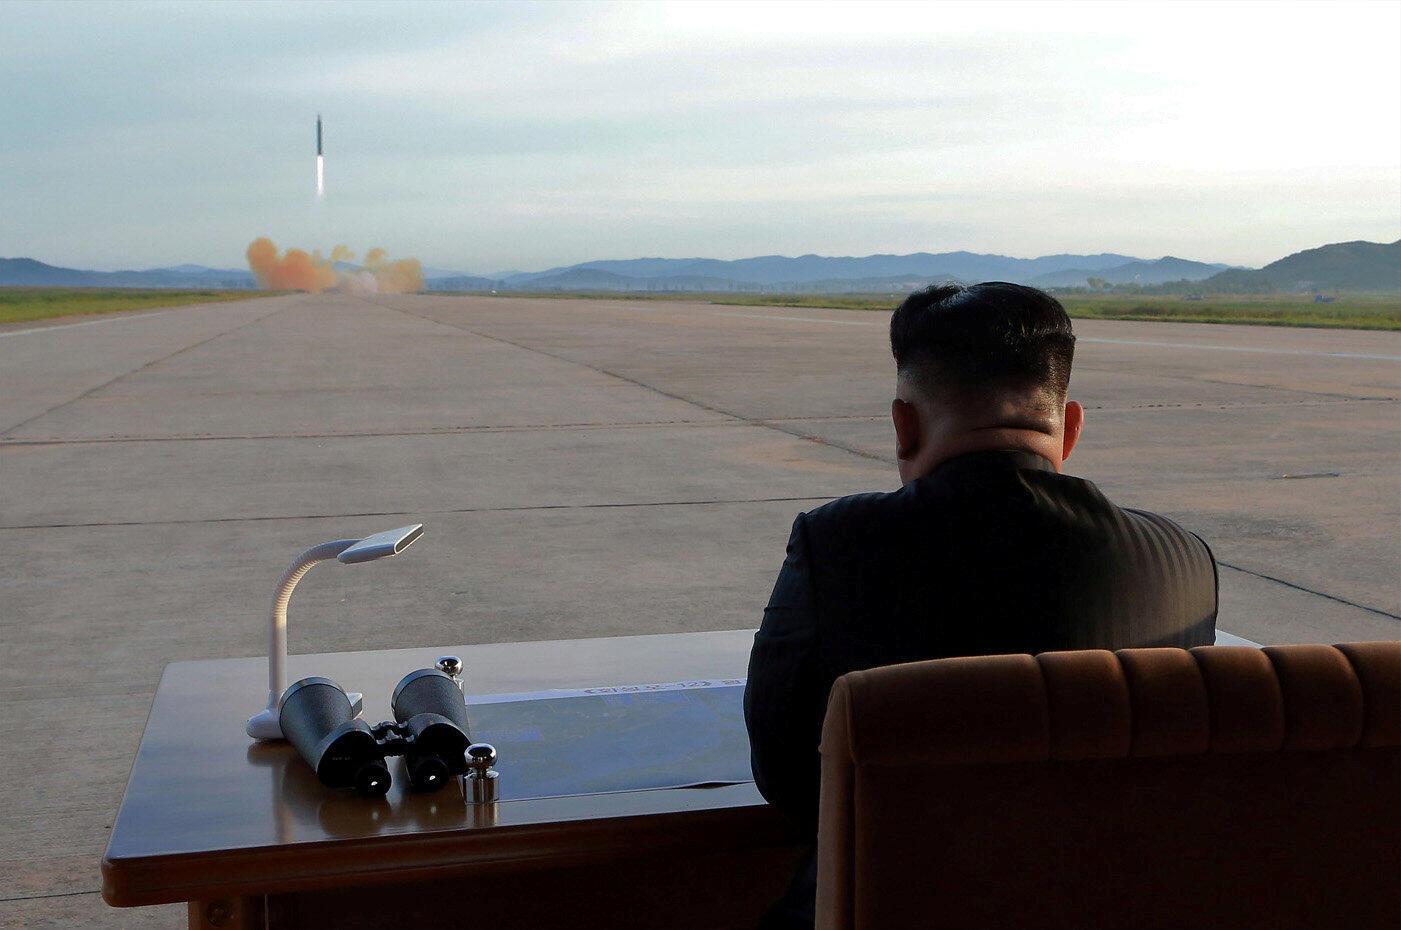 Ảnh do hãng thông tấn KCNA cung cấp cho thấy lãnh đạo Bắc Triều Tiên Kim Jong-un đang giám sát một vụ phóng tên lửa hồi tháng 09/2017.